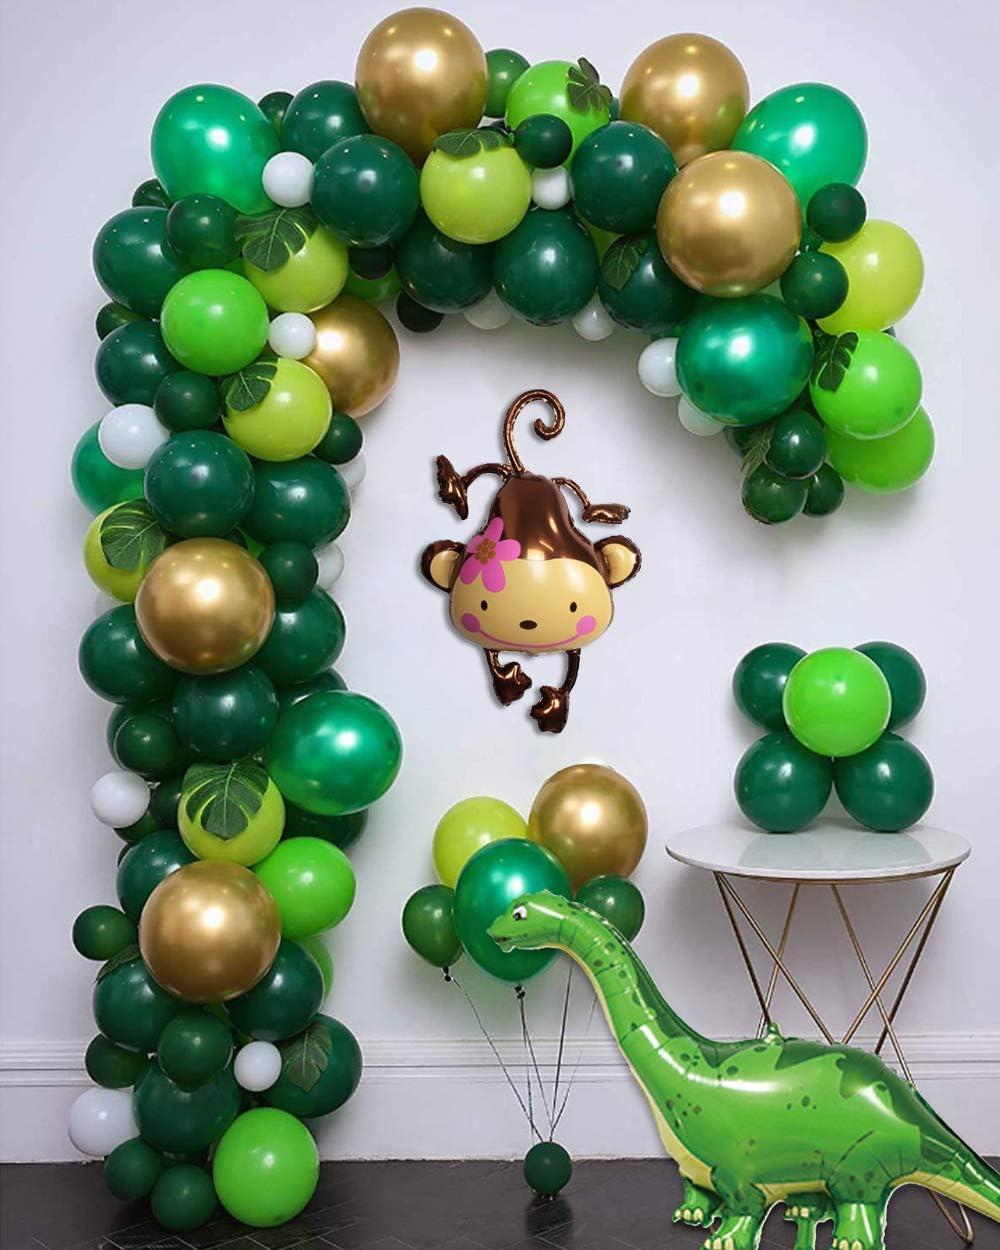 MMTX Dschungel Dinosaurier Luftballon Geburtstag Party Dekoration ...